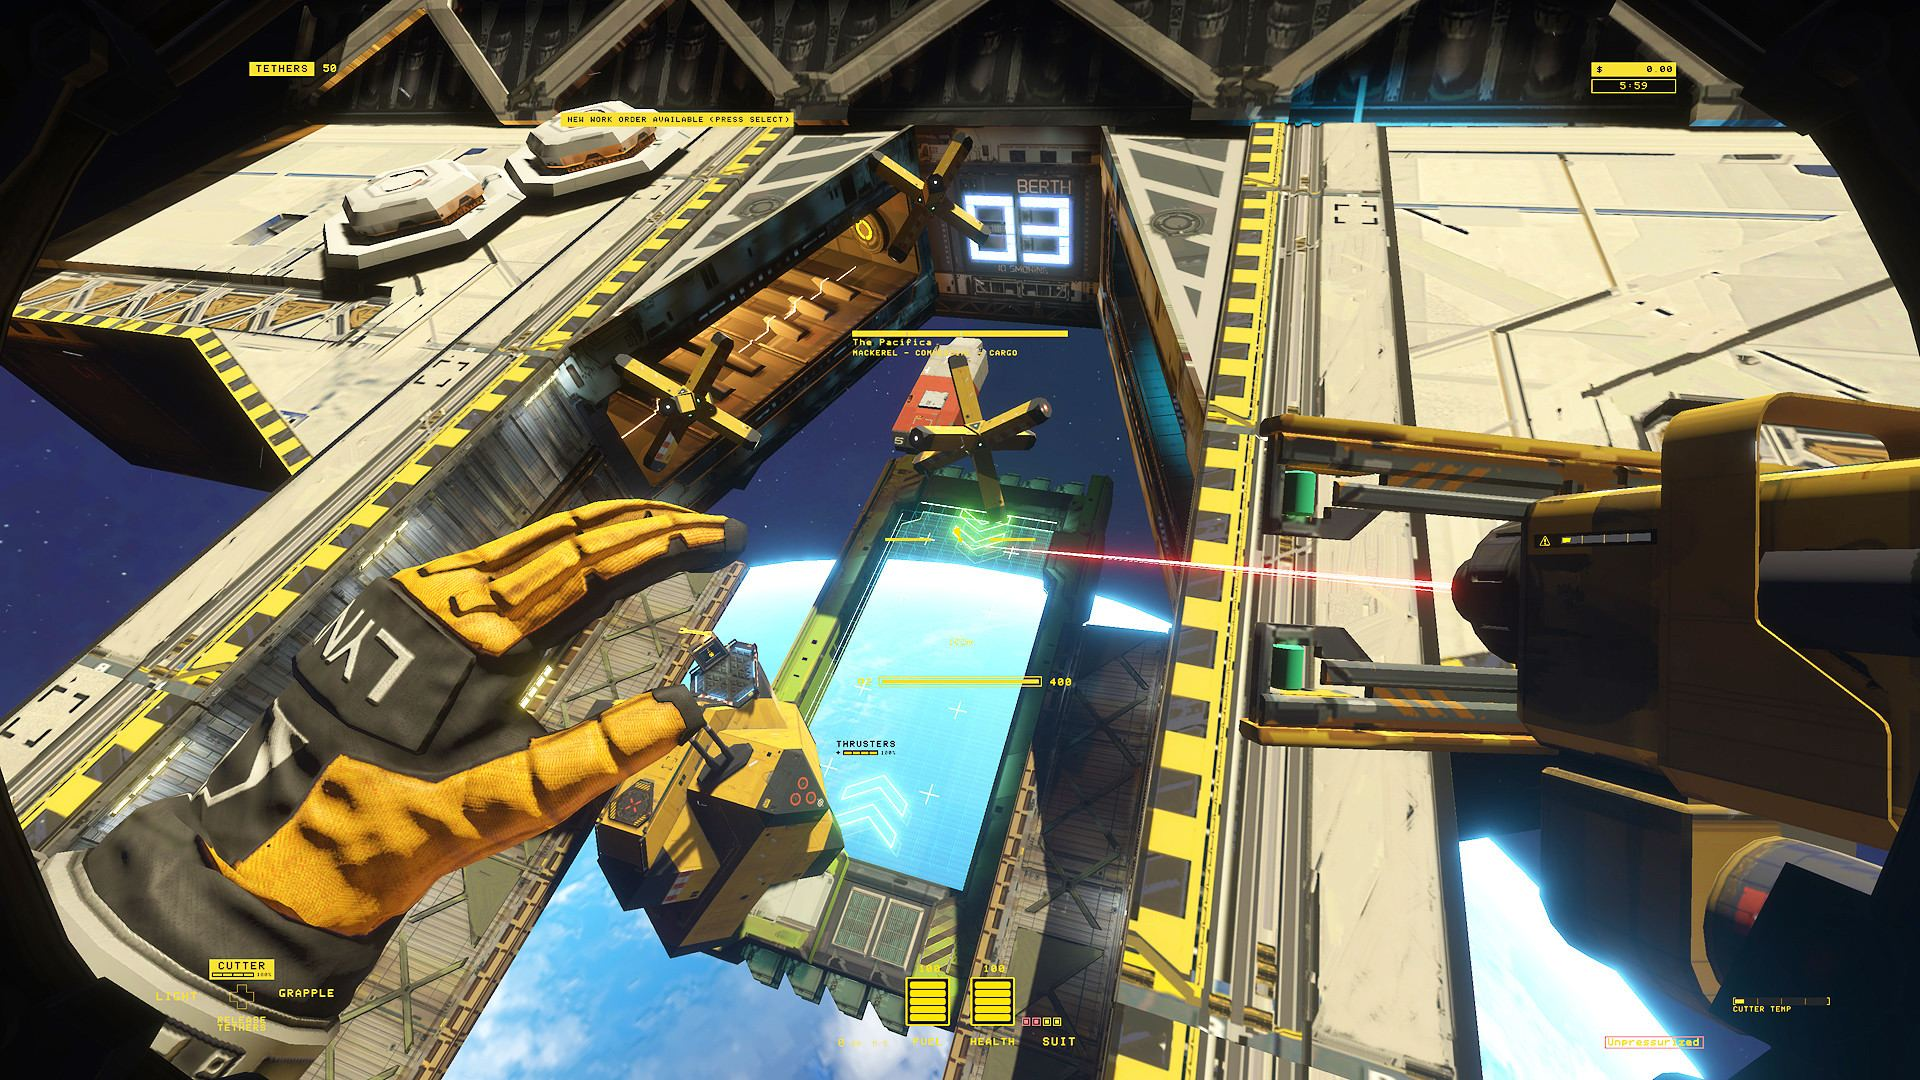 Hardspace Shipbreaker (4)